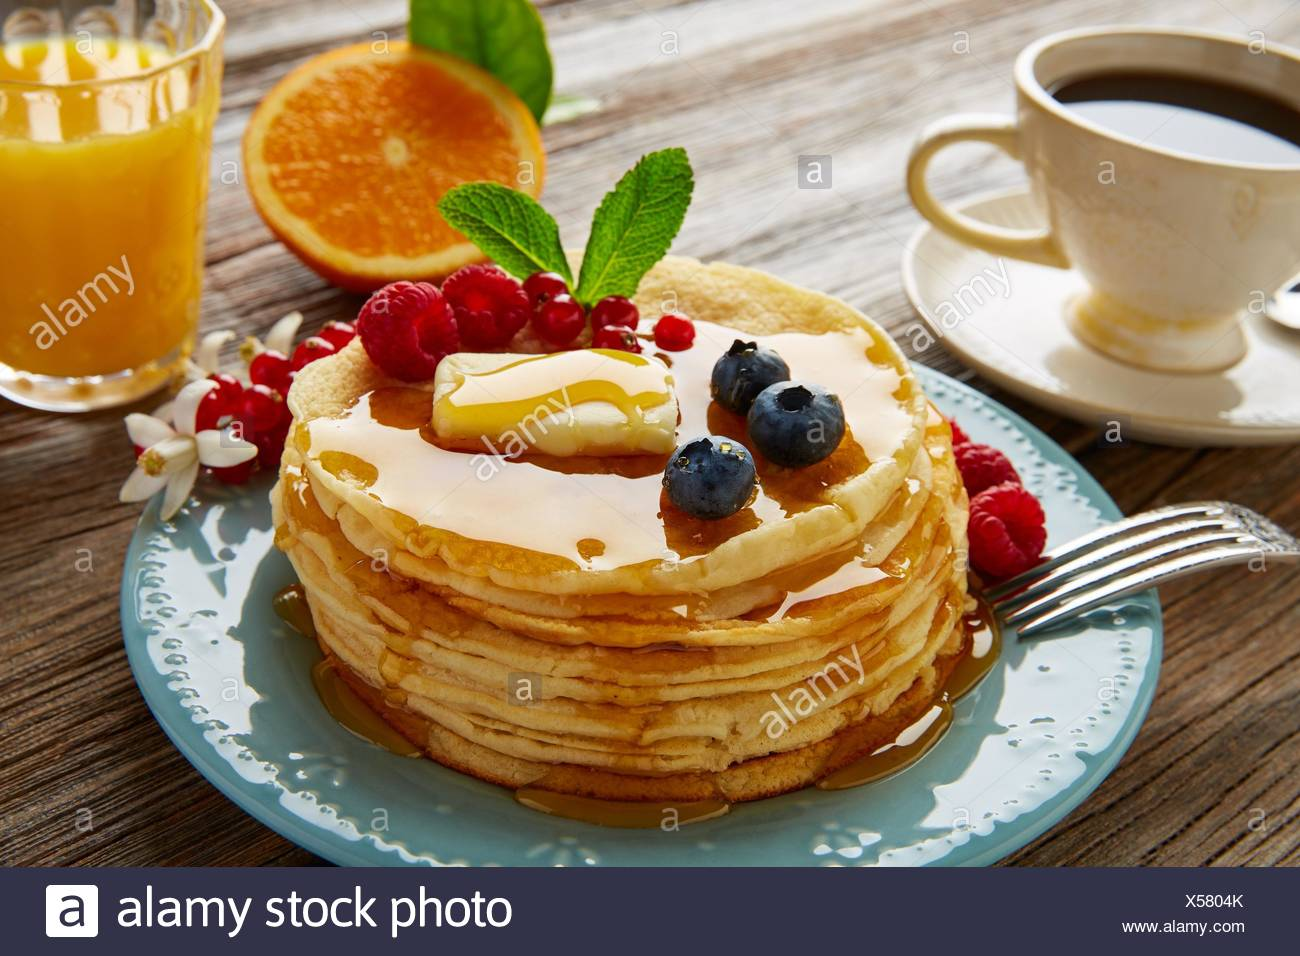 Pfannkuchen Frühstück Sirup Kaffee und Orangensaft mit Beeren. Stockbild